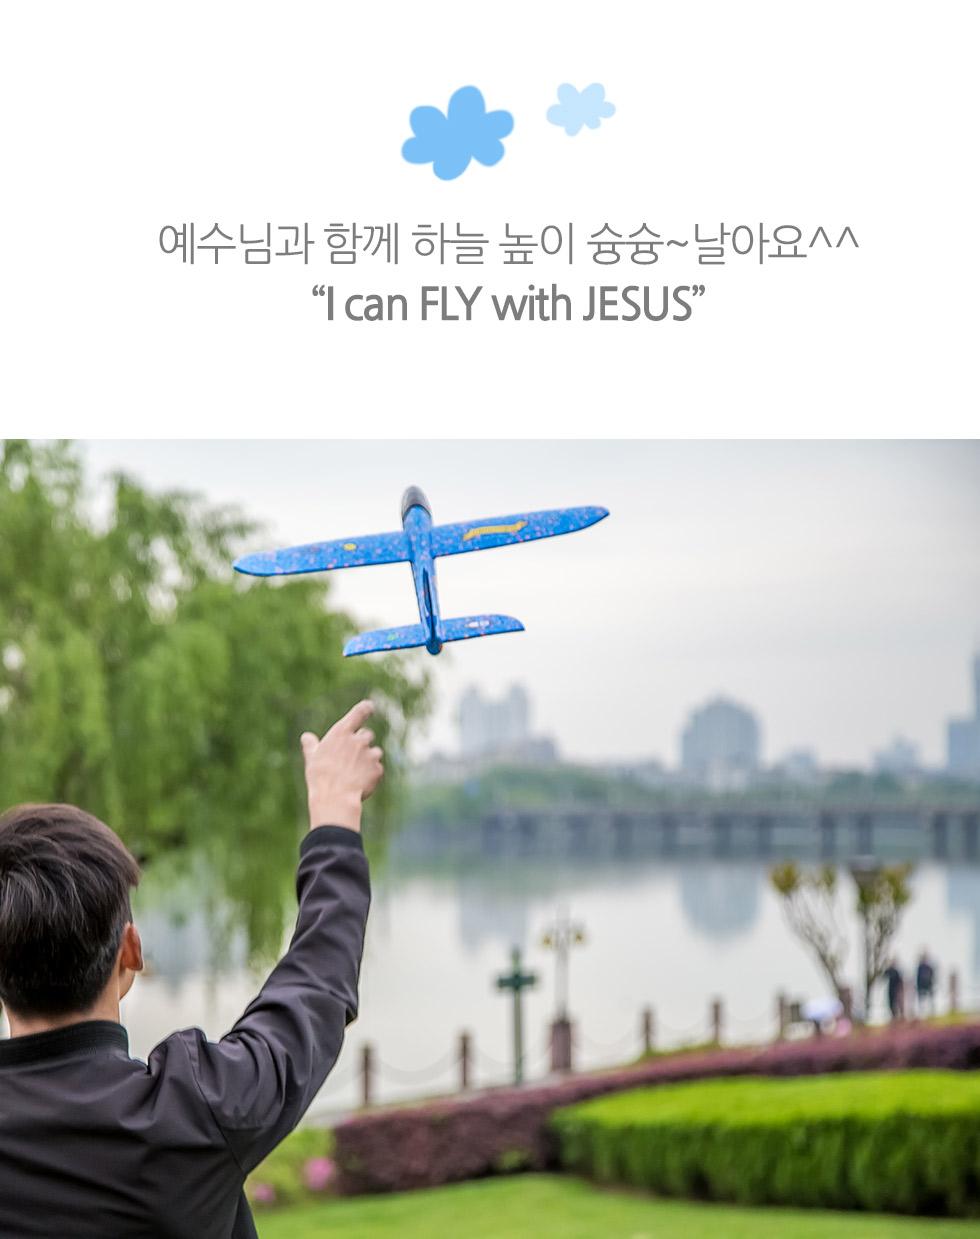 핸드 글라이더 - I can FLY with JESUS 예수님과 함께 하늘 높이 슝슝 날아요~ I can FLY with JESUS